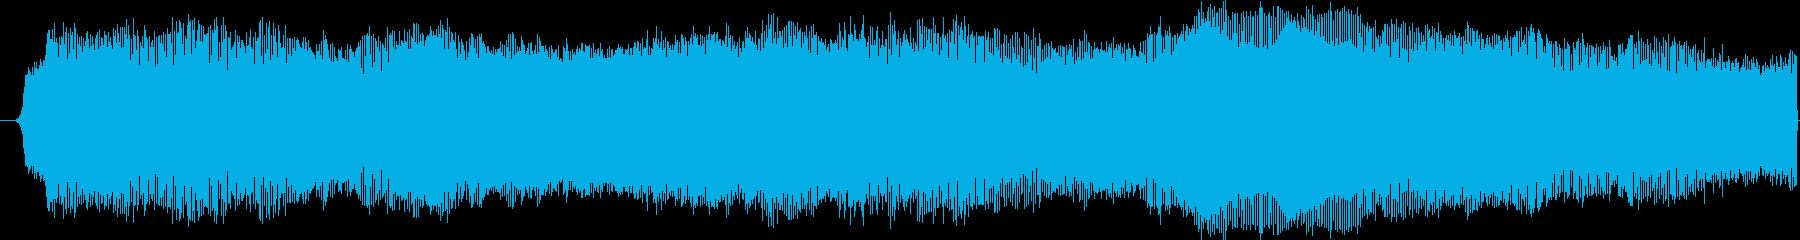 ブー(サイレン音)の再生済みの波形